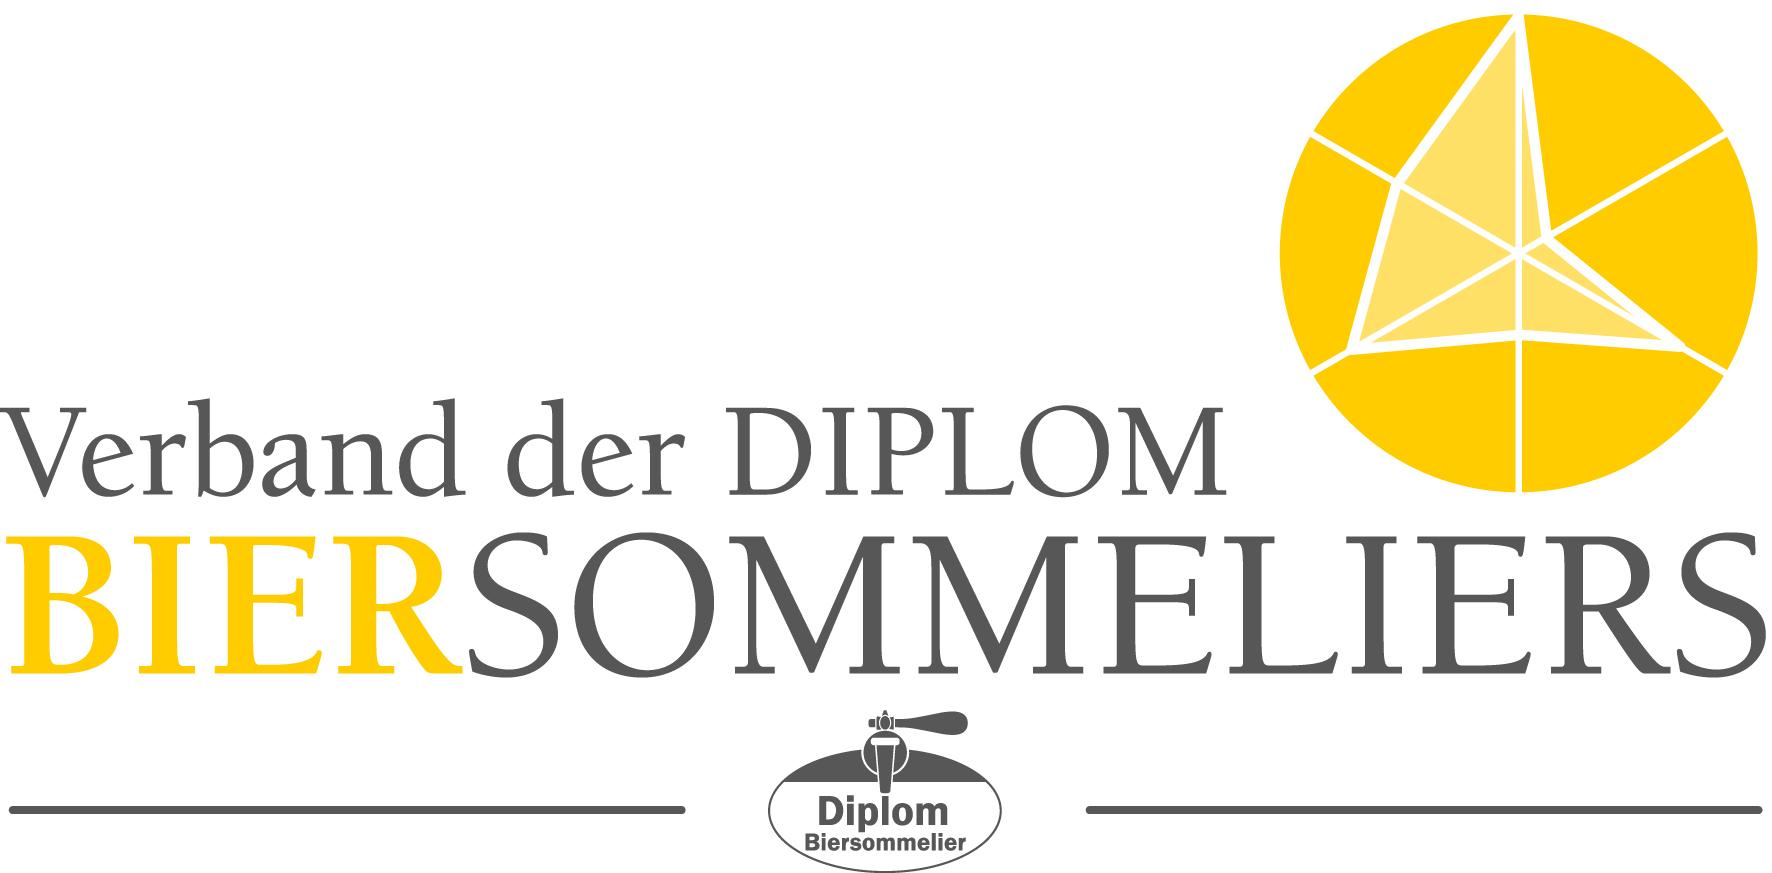 Verband der Diplom Biersommeliers